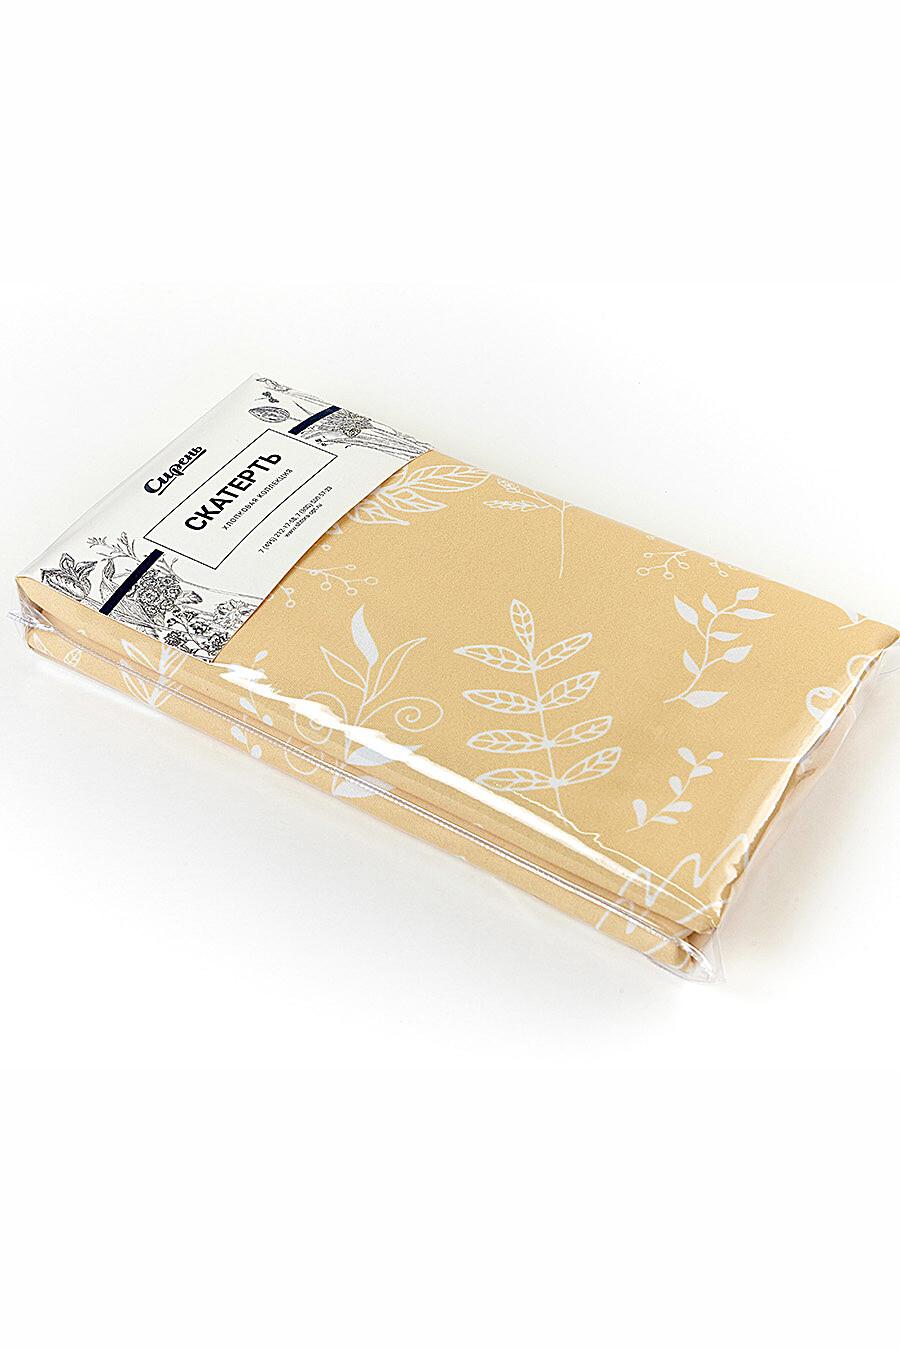 Скатерть прямоугольня для дома ART HOME TEXTILE 121247 купить оптом от производителя. Совместная покупка товаров для дома в OptMoyo